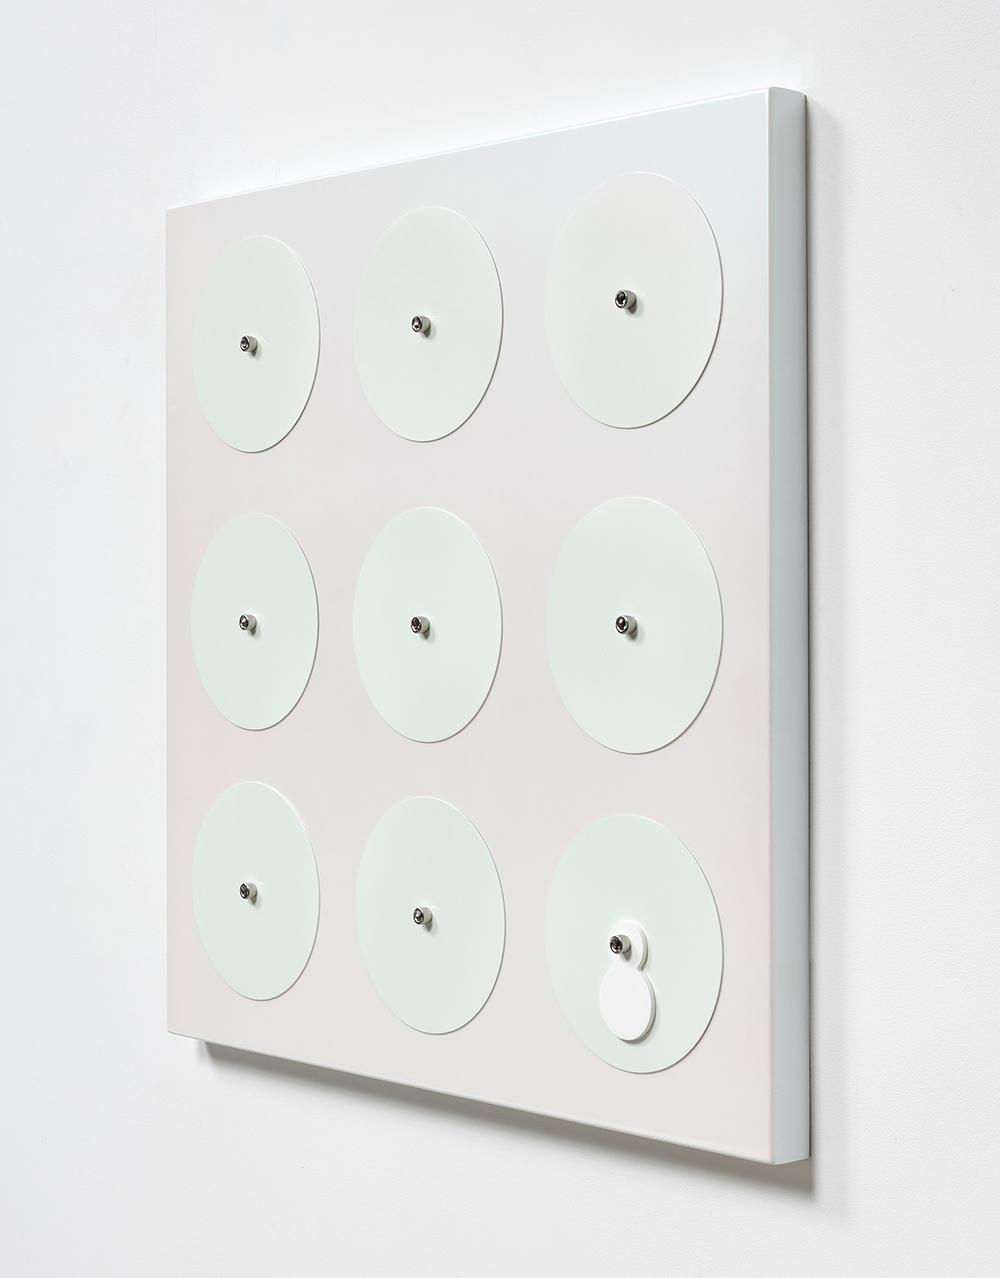 Joshua Saunders. <em>Magenta/Turquoise</em>, 2017. Enamel on aluminum, stainless steel, 30 x 30 x 1 1/2 inches